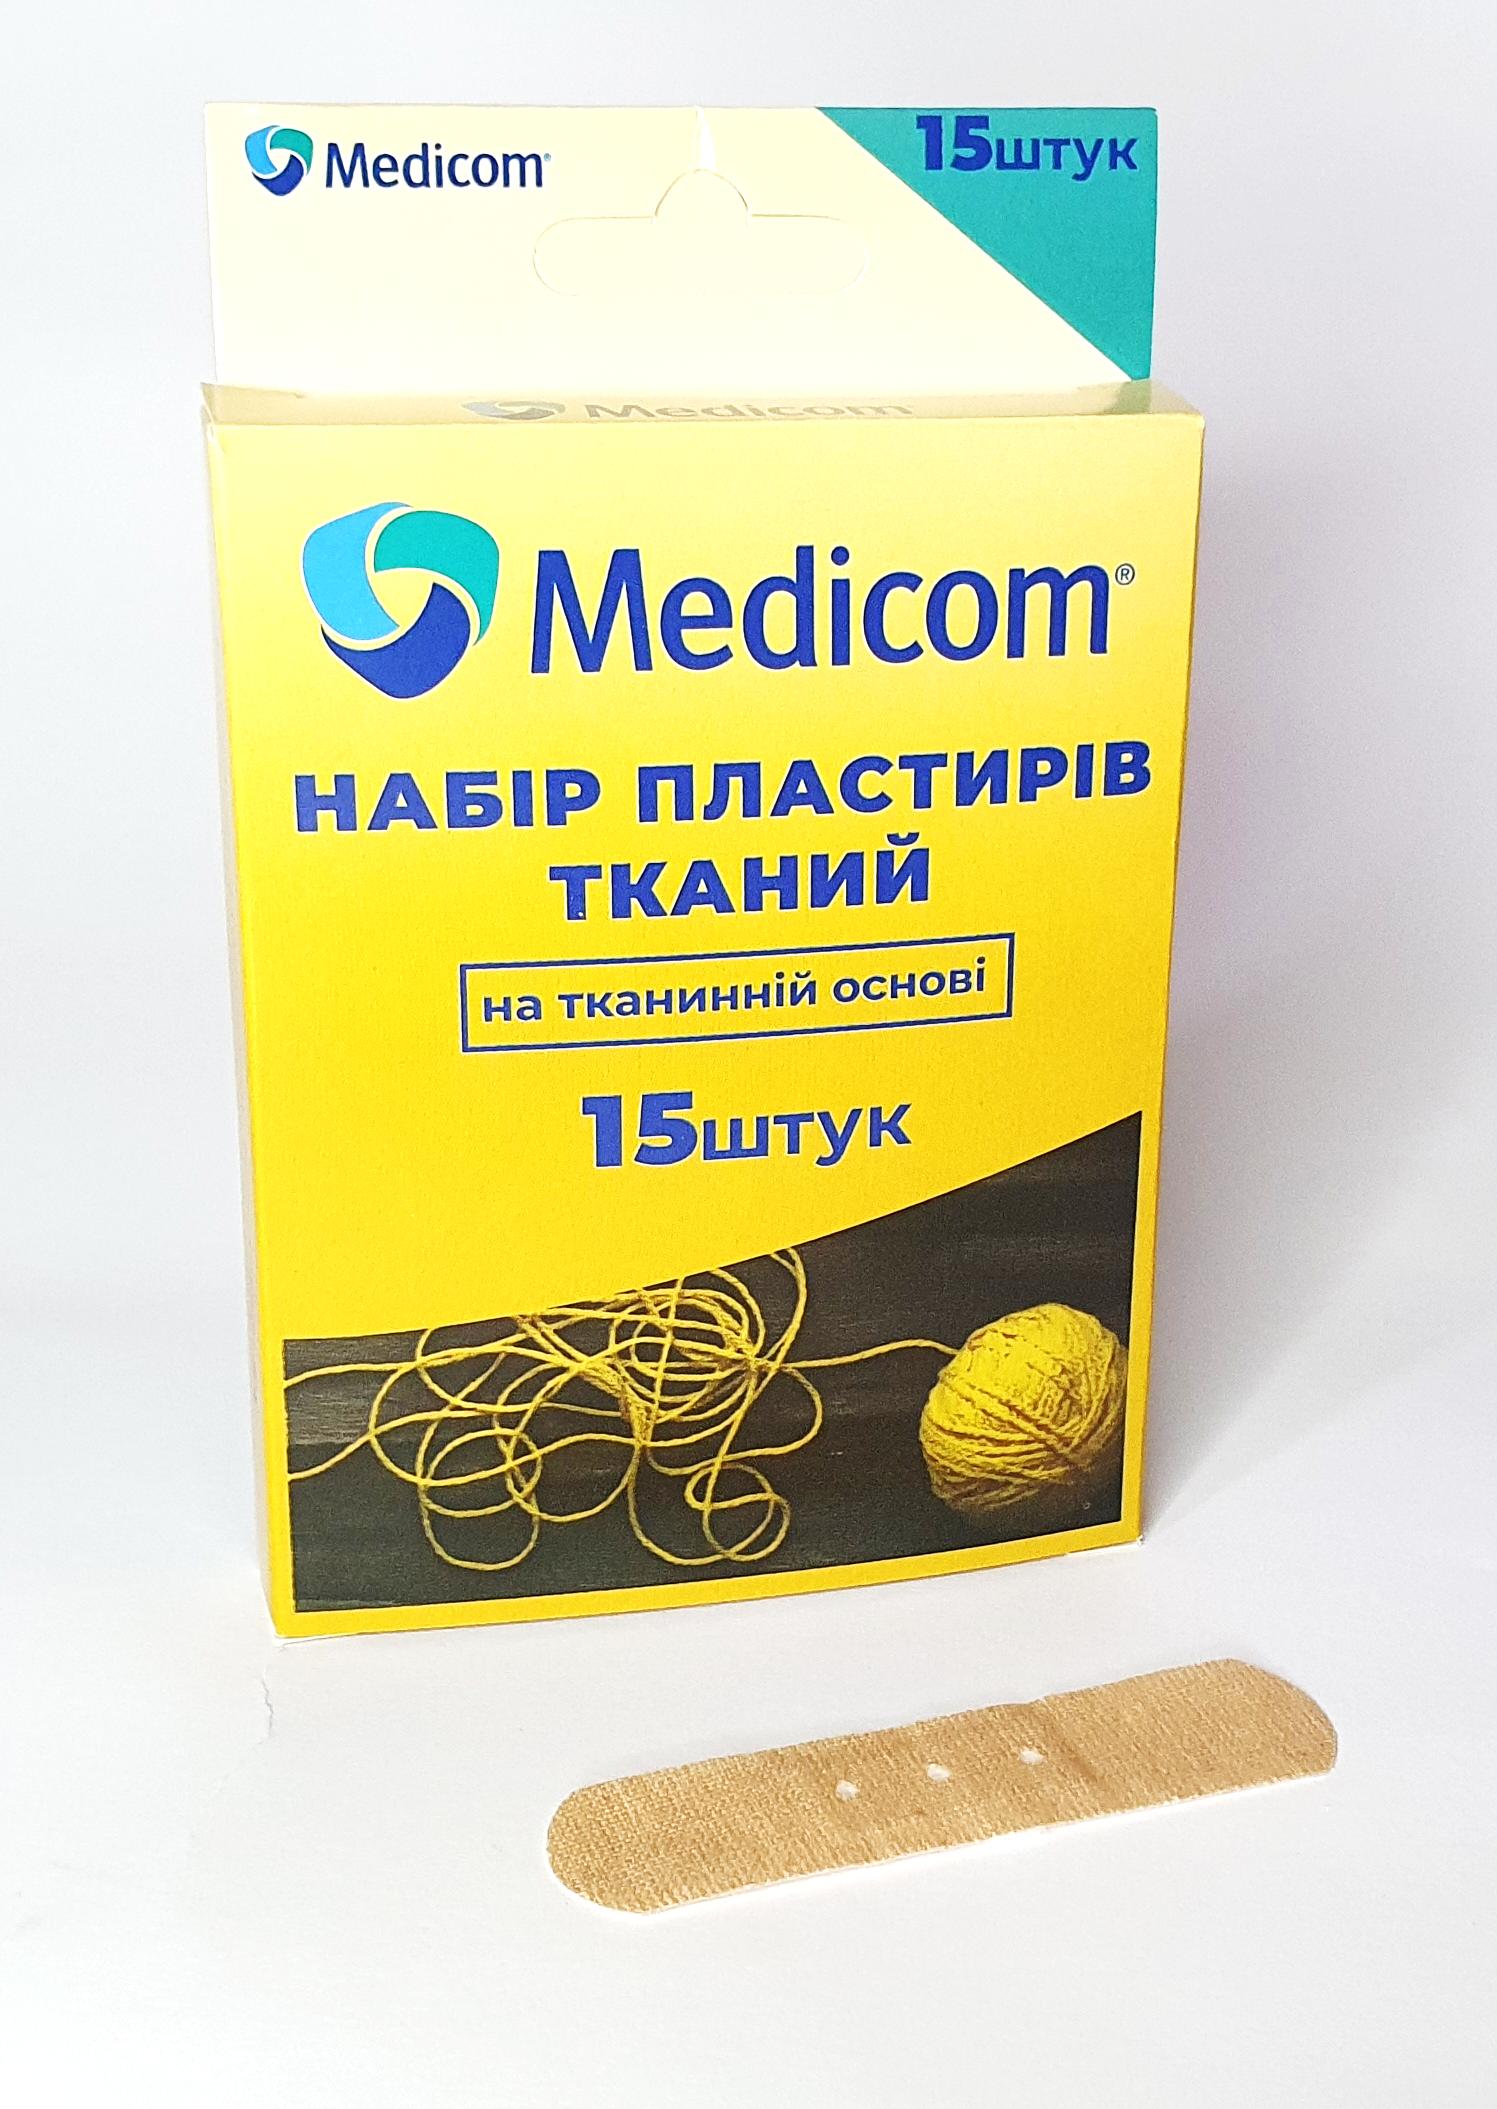 Артикул 732 mc. Набор пластырей MEDICOM®ТКАНЕВОЙ, 15 пластырей на тканевой основе, 19мм*72мм